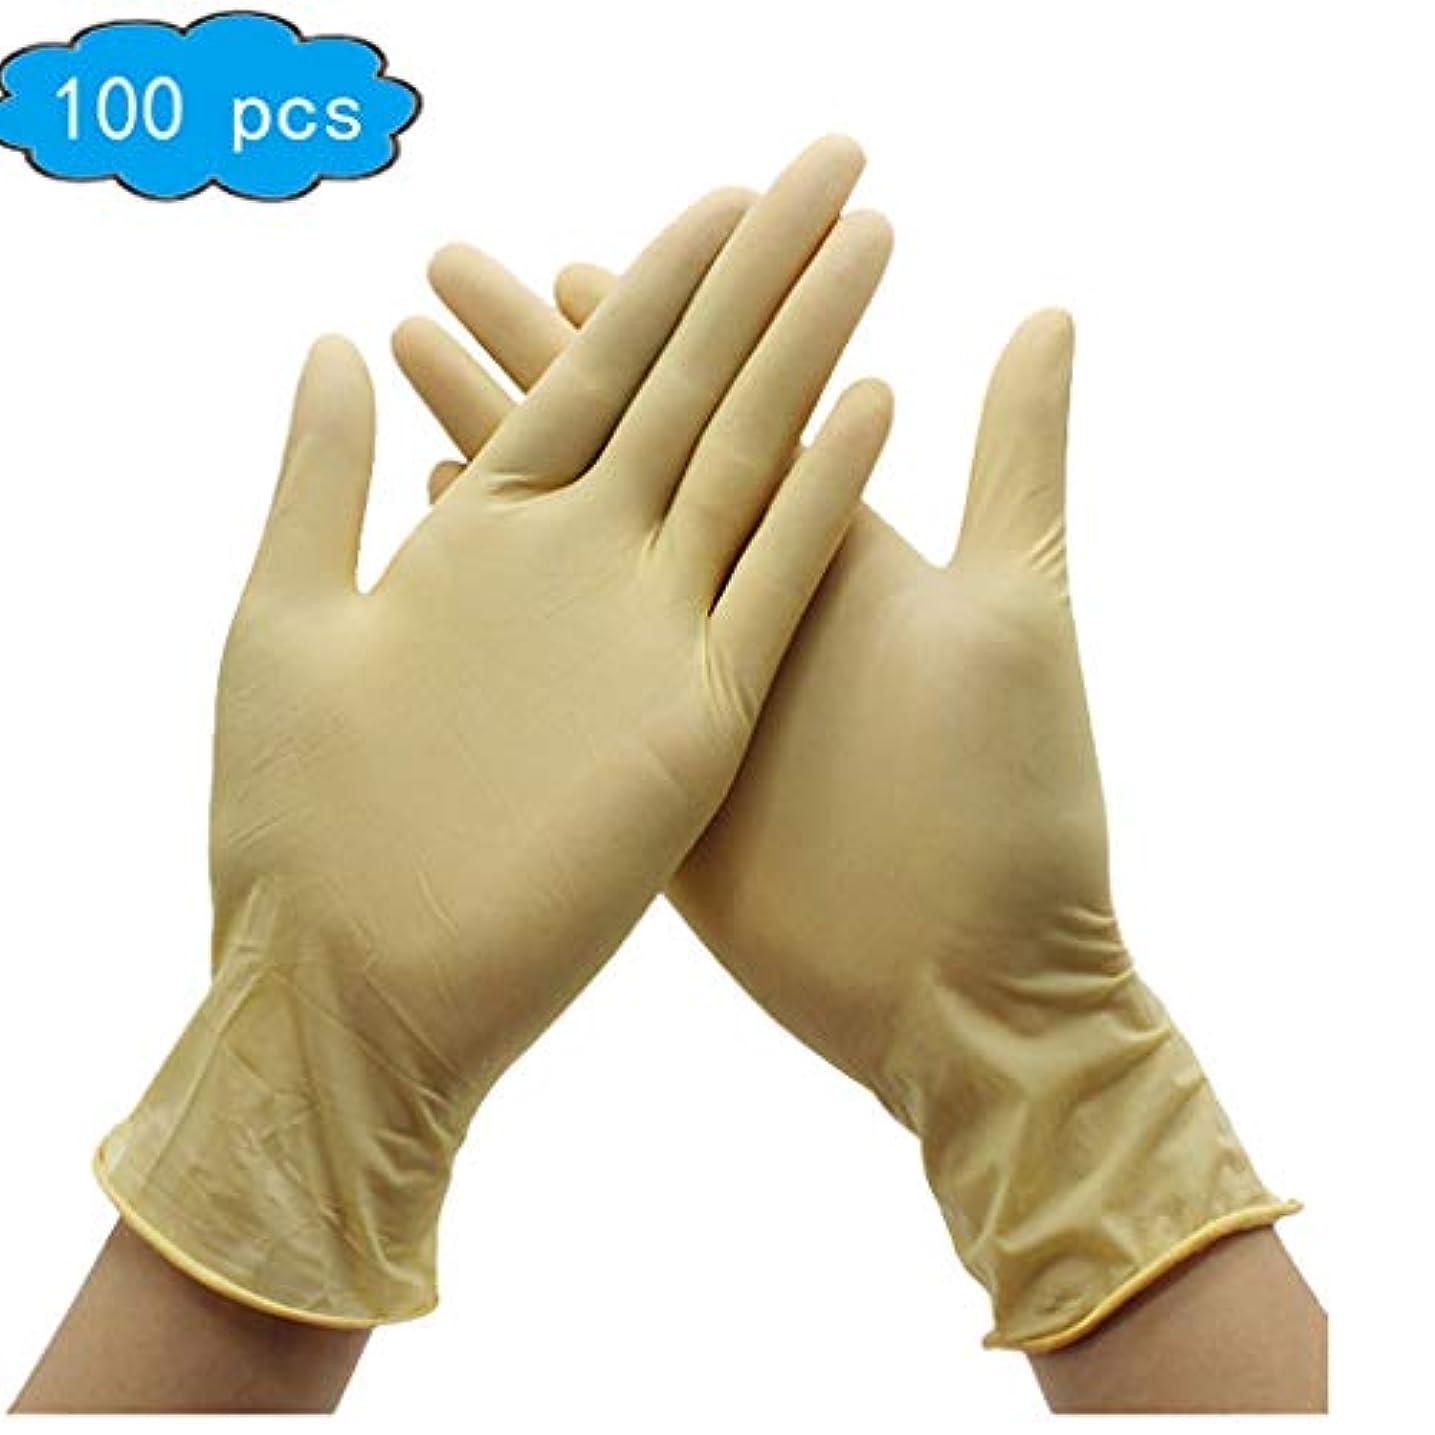 気まぐれな感謝祭従順使い捨てラテックス手袋、液、血液、試験、ヘルスケア、ノーパウダー、100箱 (Color : Beige, Size : L)